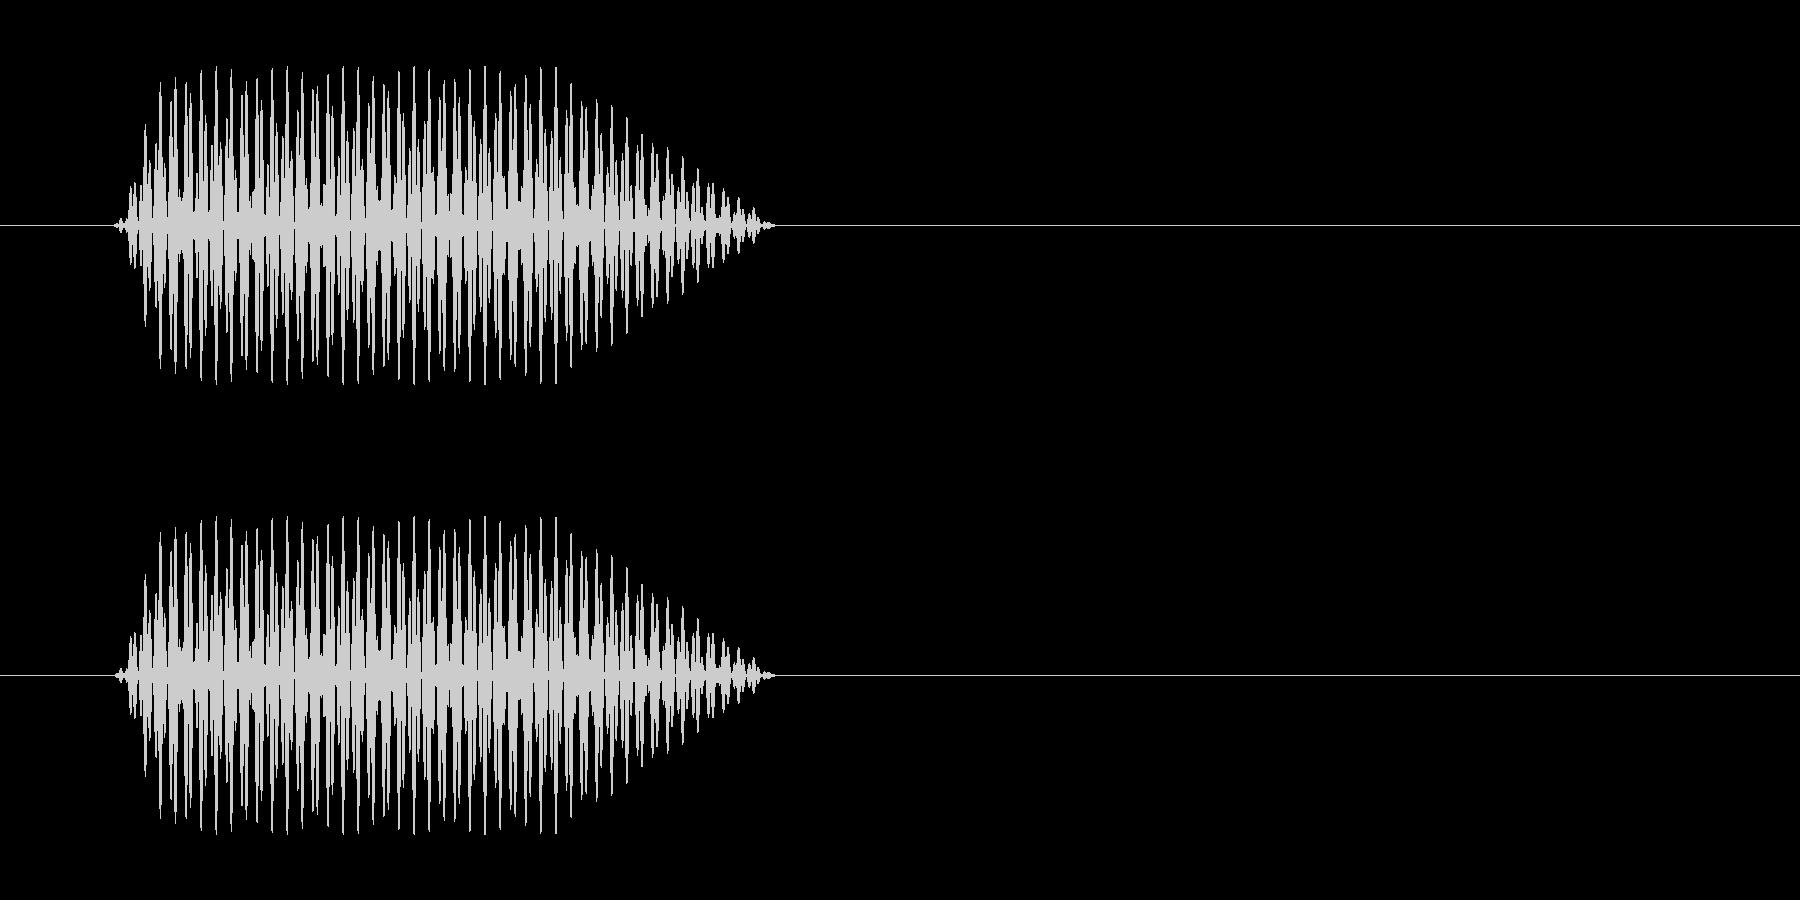 ソの音がする心電図の効果音の未再生の波形